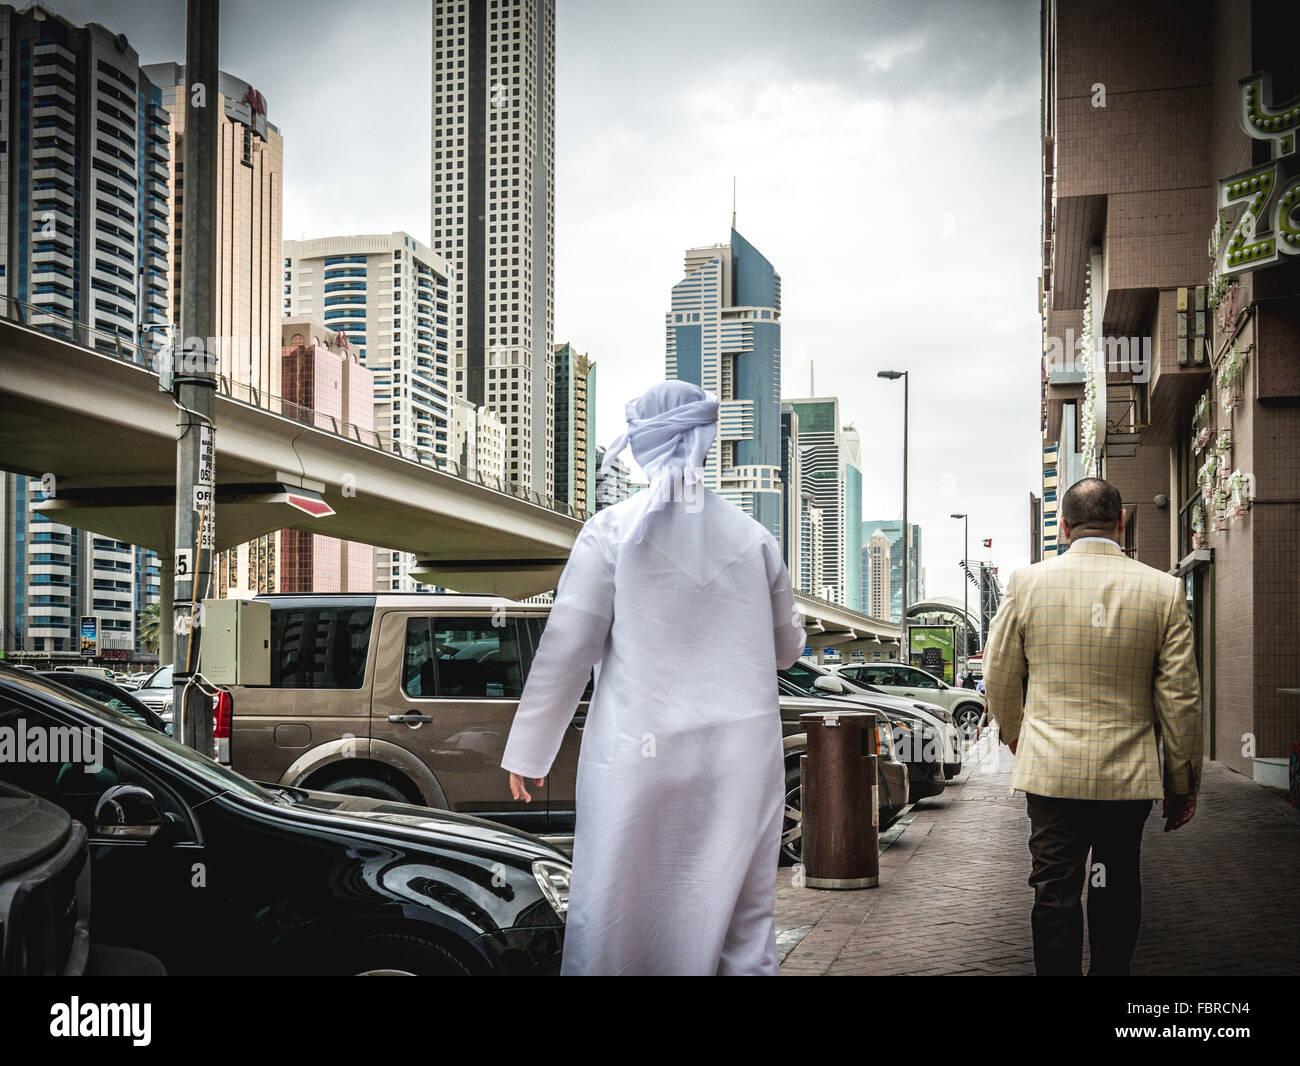 Marcher le long de l'homme arabe occupé Sheik Zayed Road Photo Stock